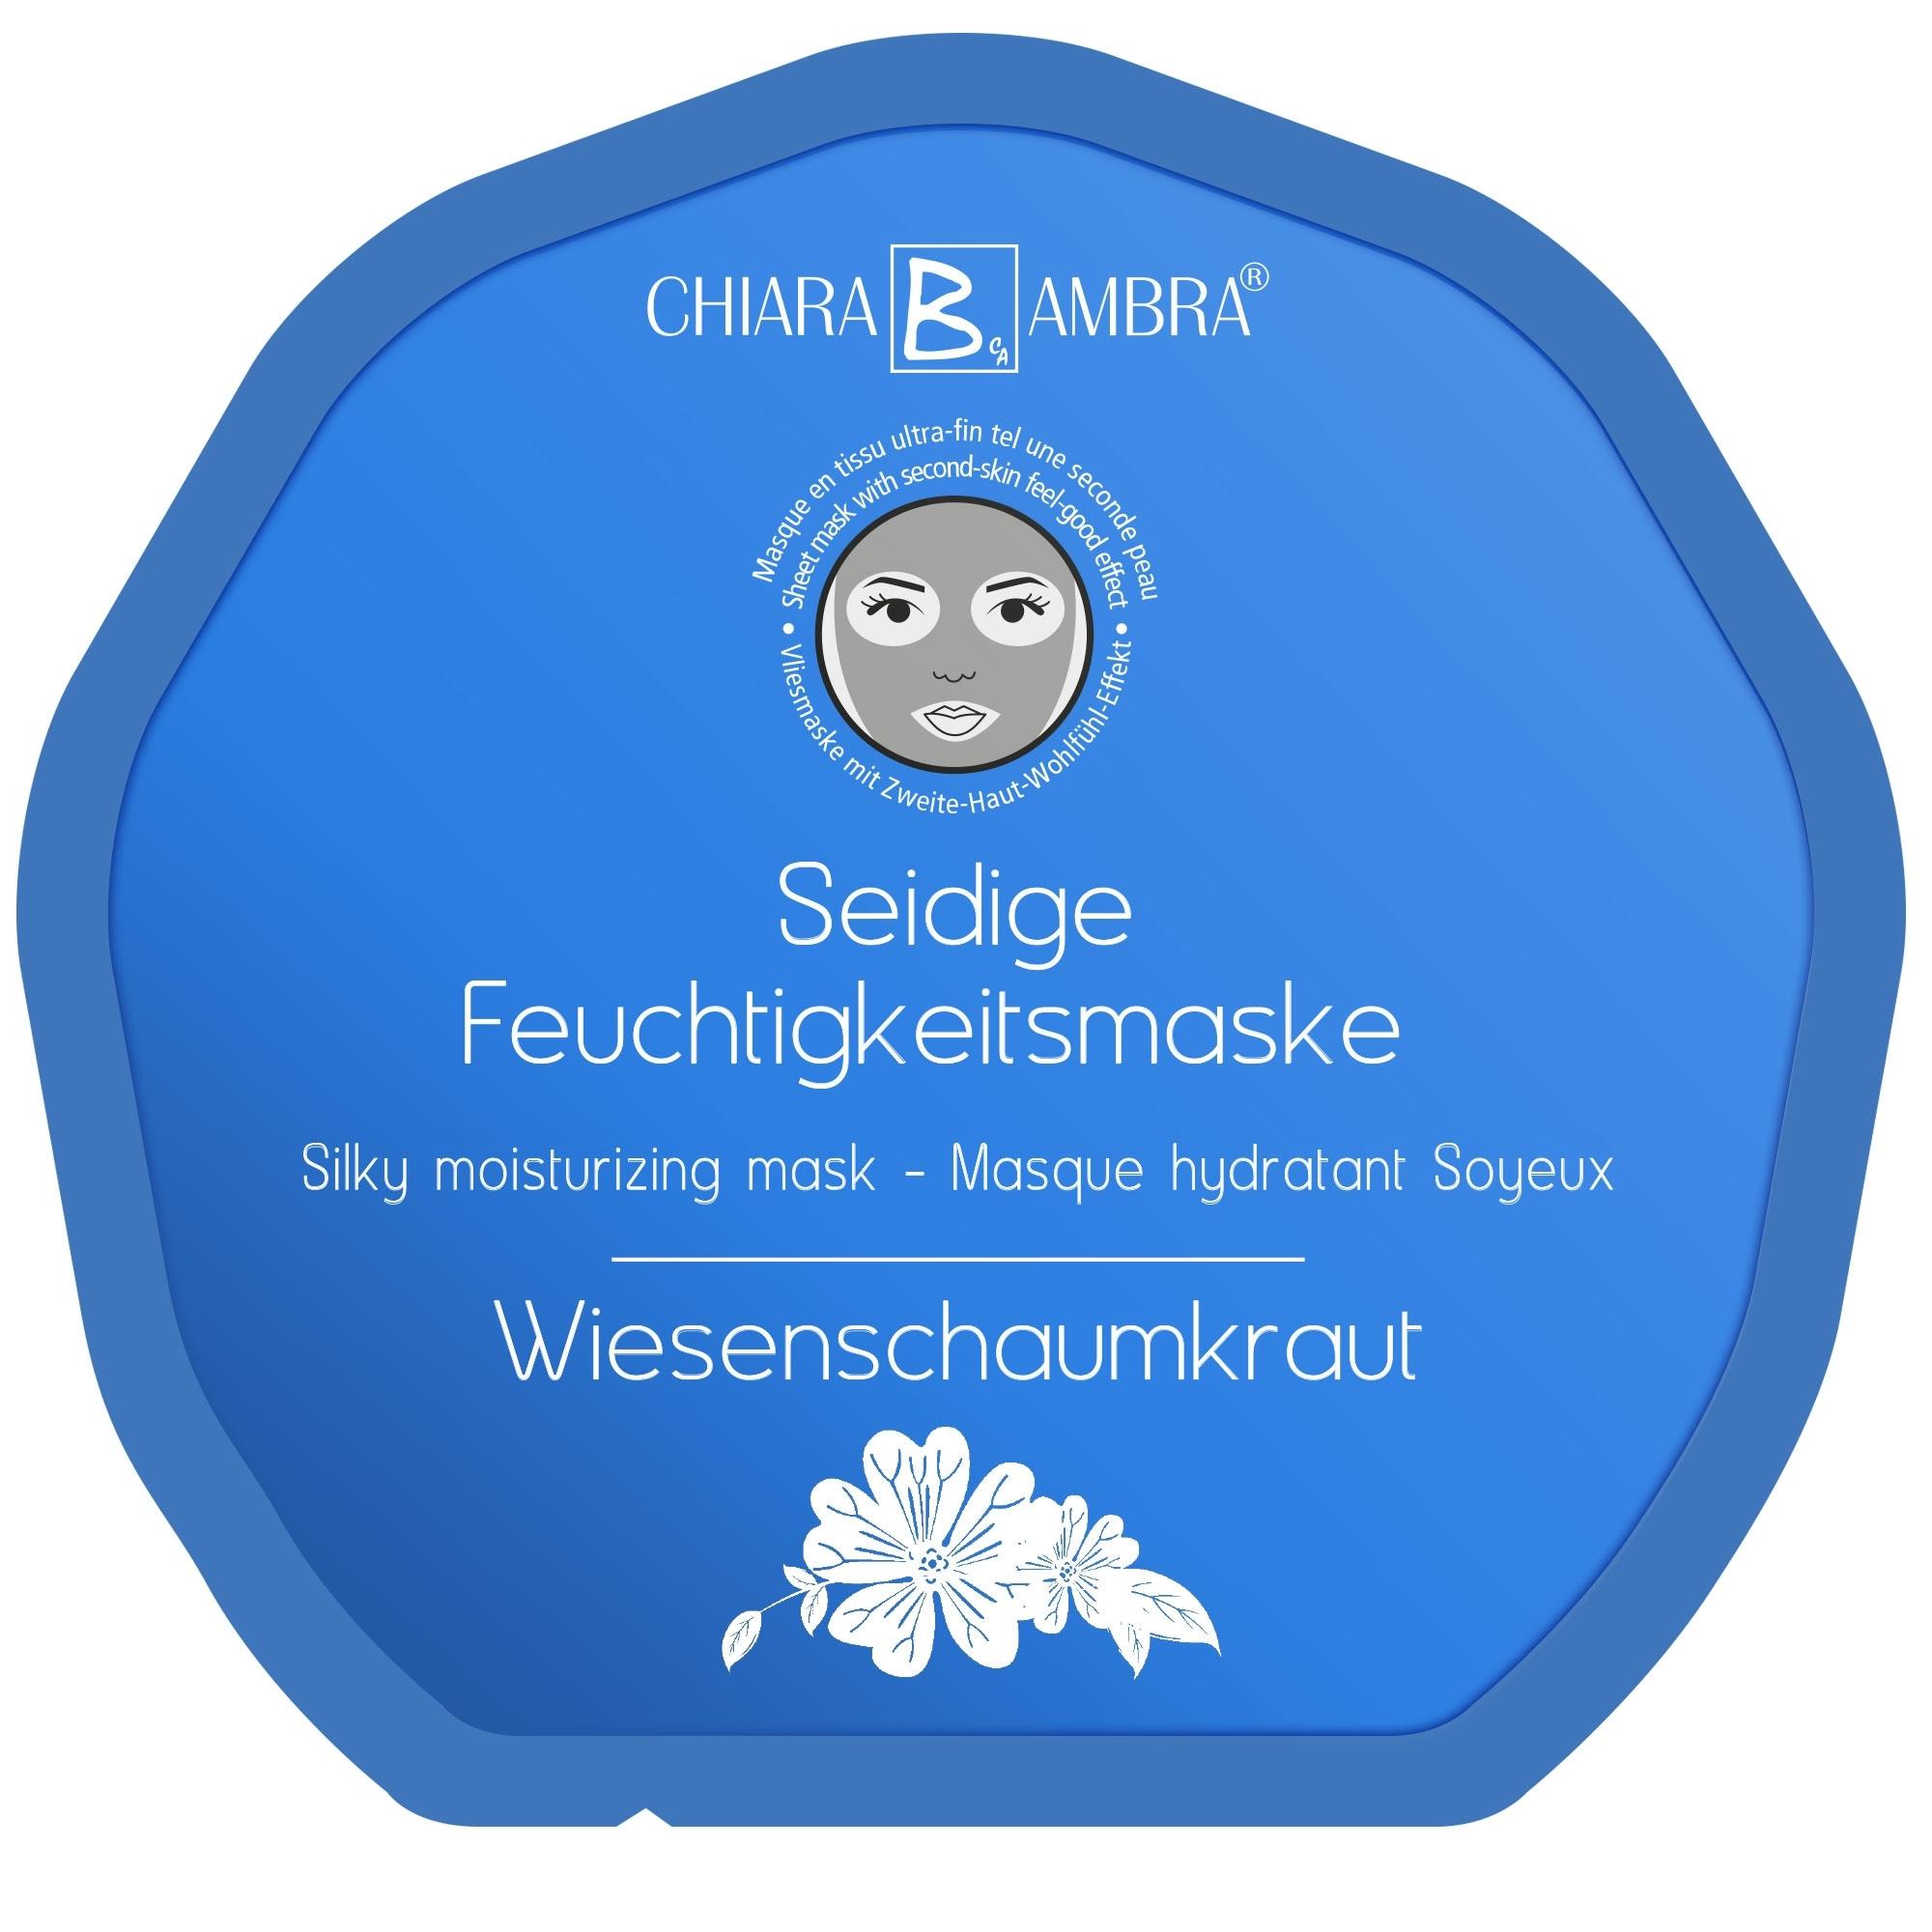 CHIARA AMBRA Gesichts-Vliesmasken Vlies Gesichtsmaske Wiesenschaumkraut 1 Stck. 100036842